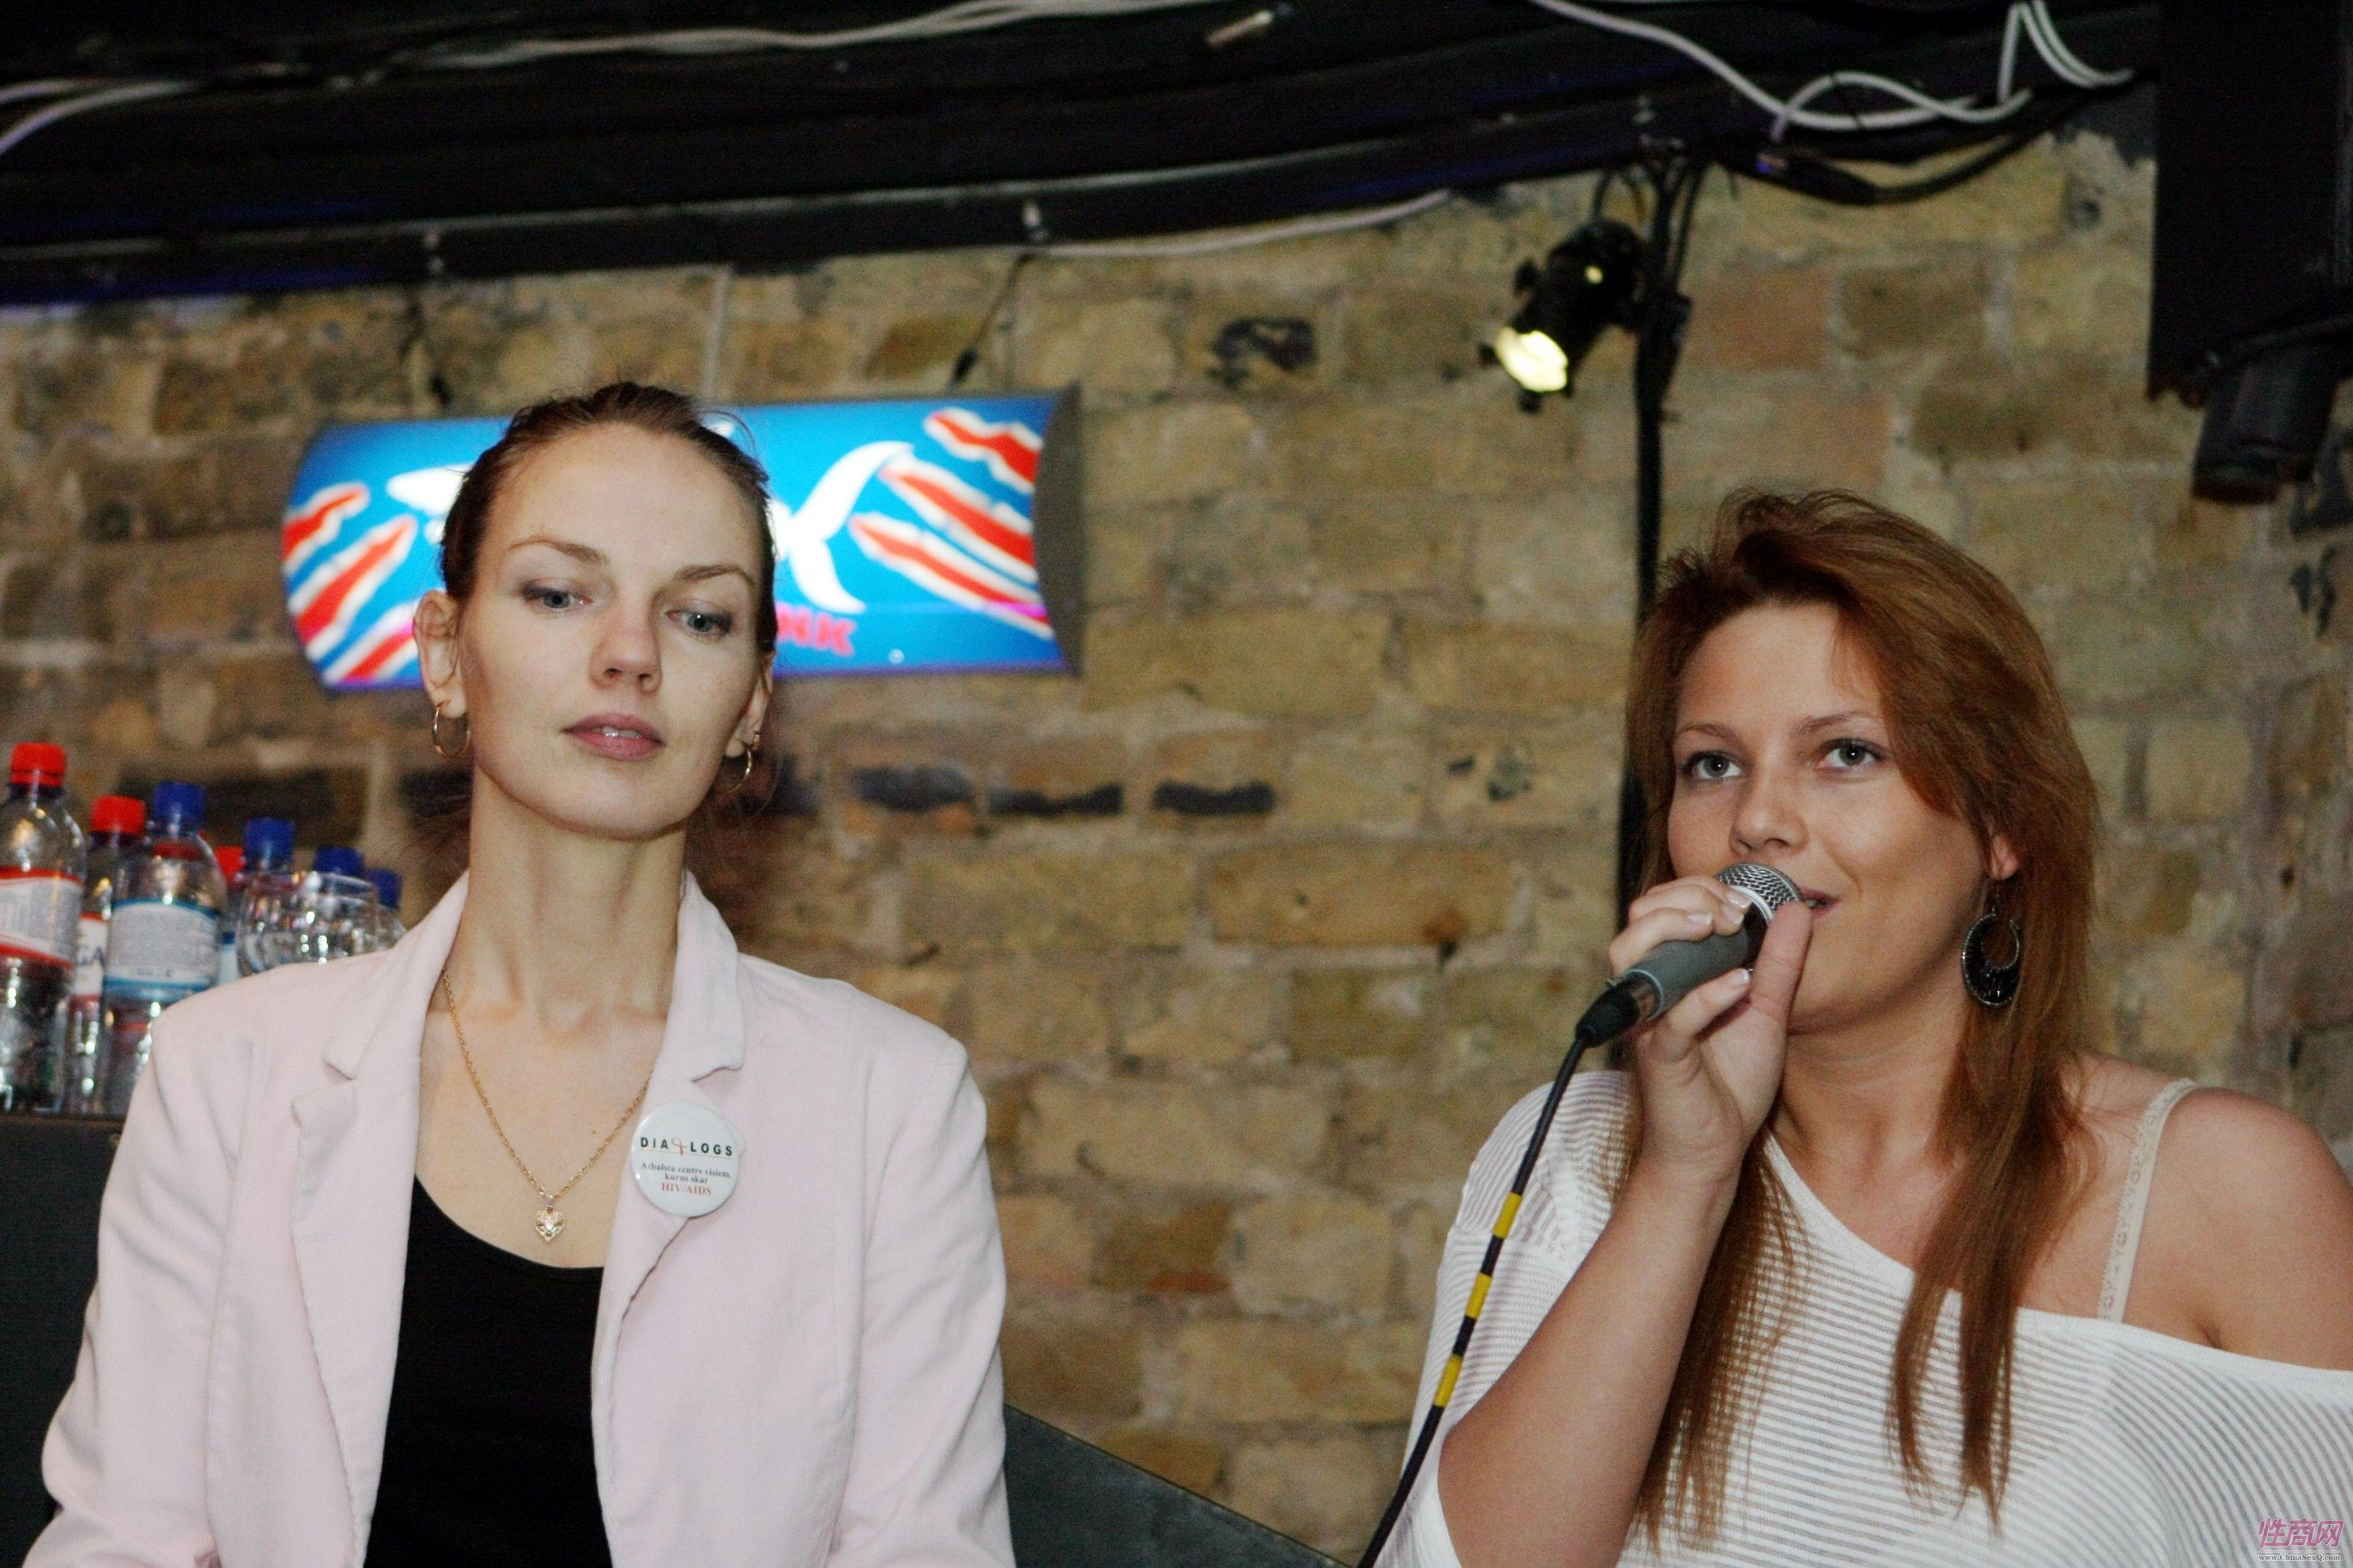 2014拉脱维亚成人展举办沙龙主讲情趣口爱图片2